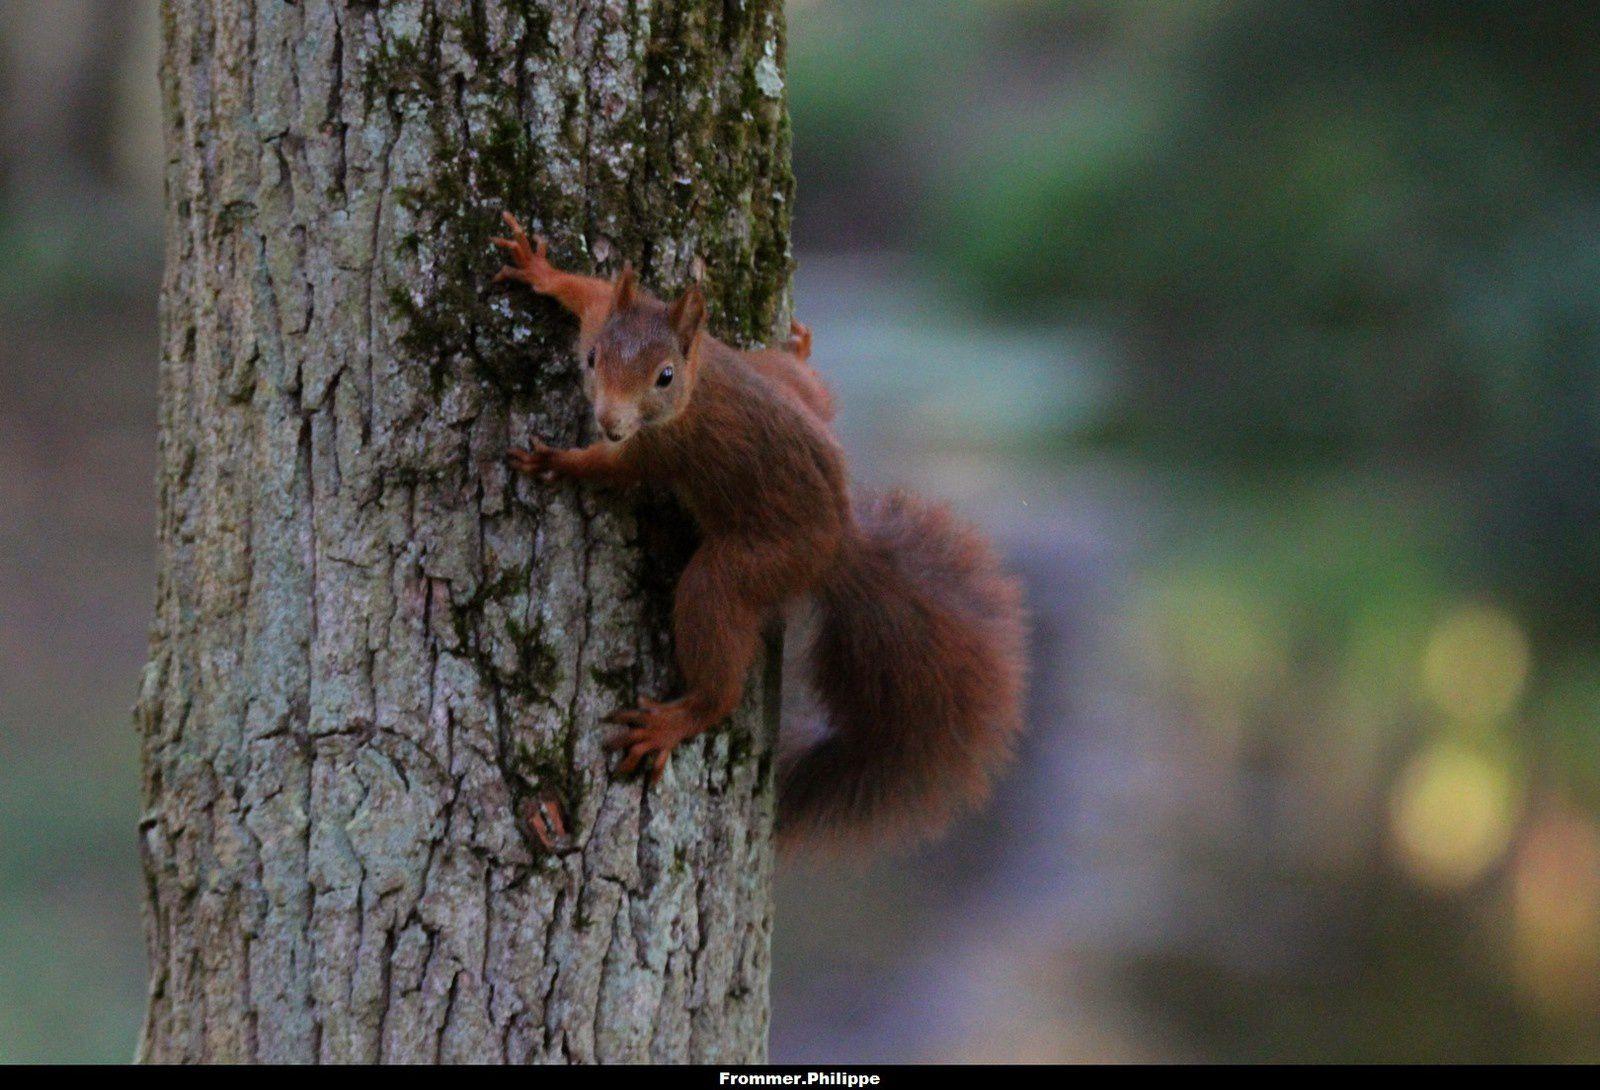 L'écureuil roux cacahuète